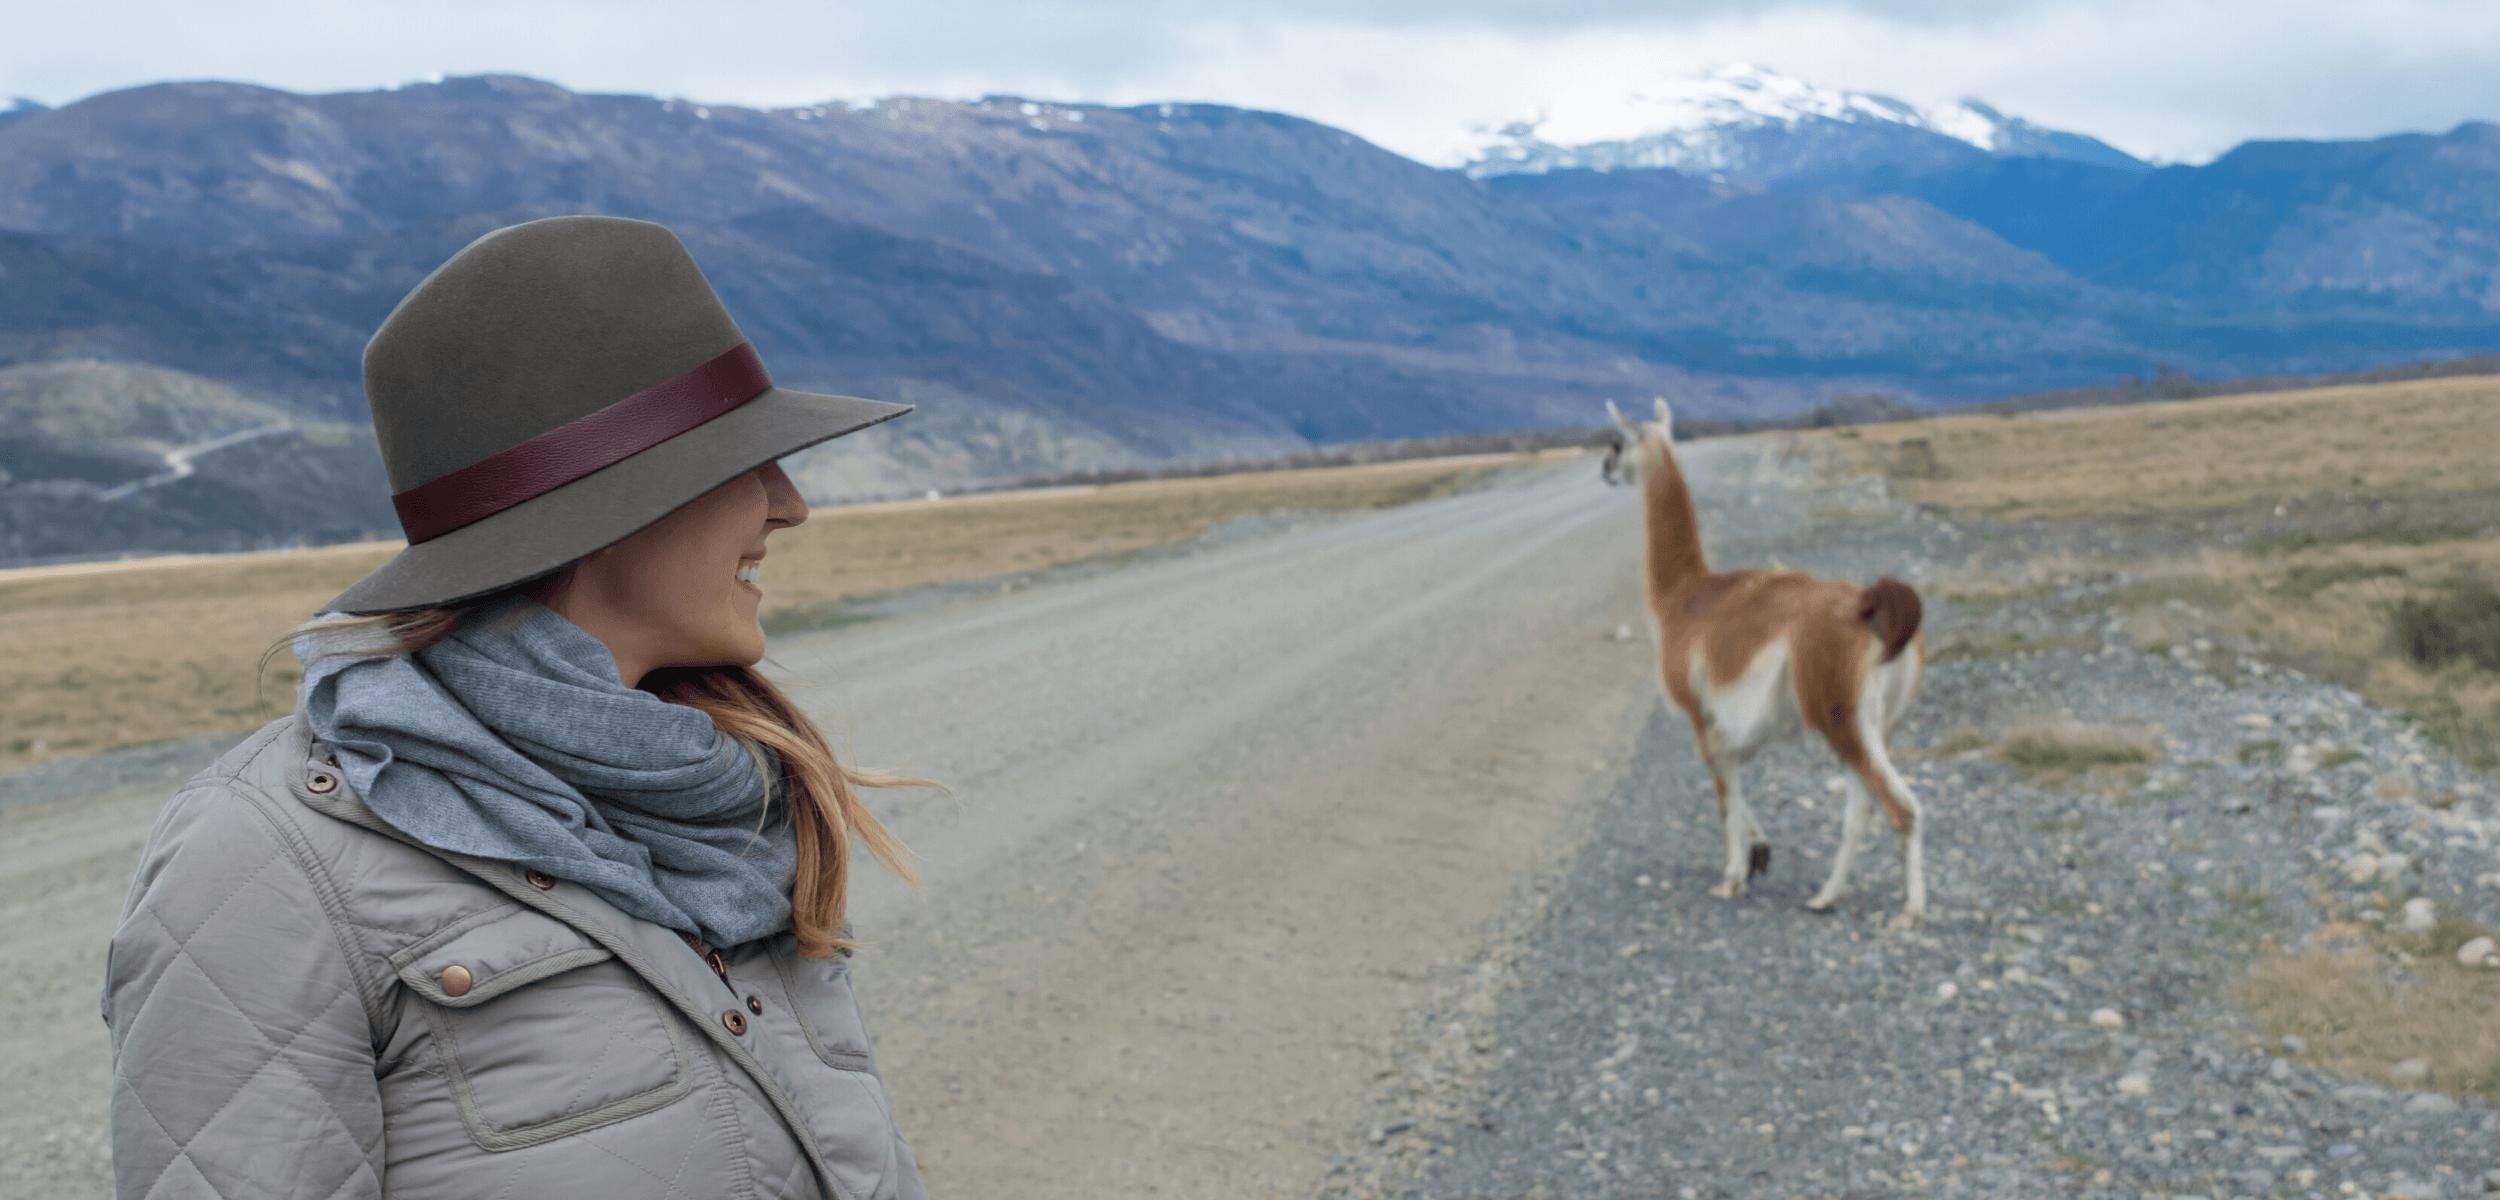 Viaja responsablemente por la Patagonia con estos consejos de Navimag